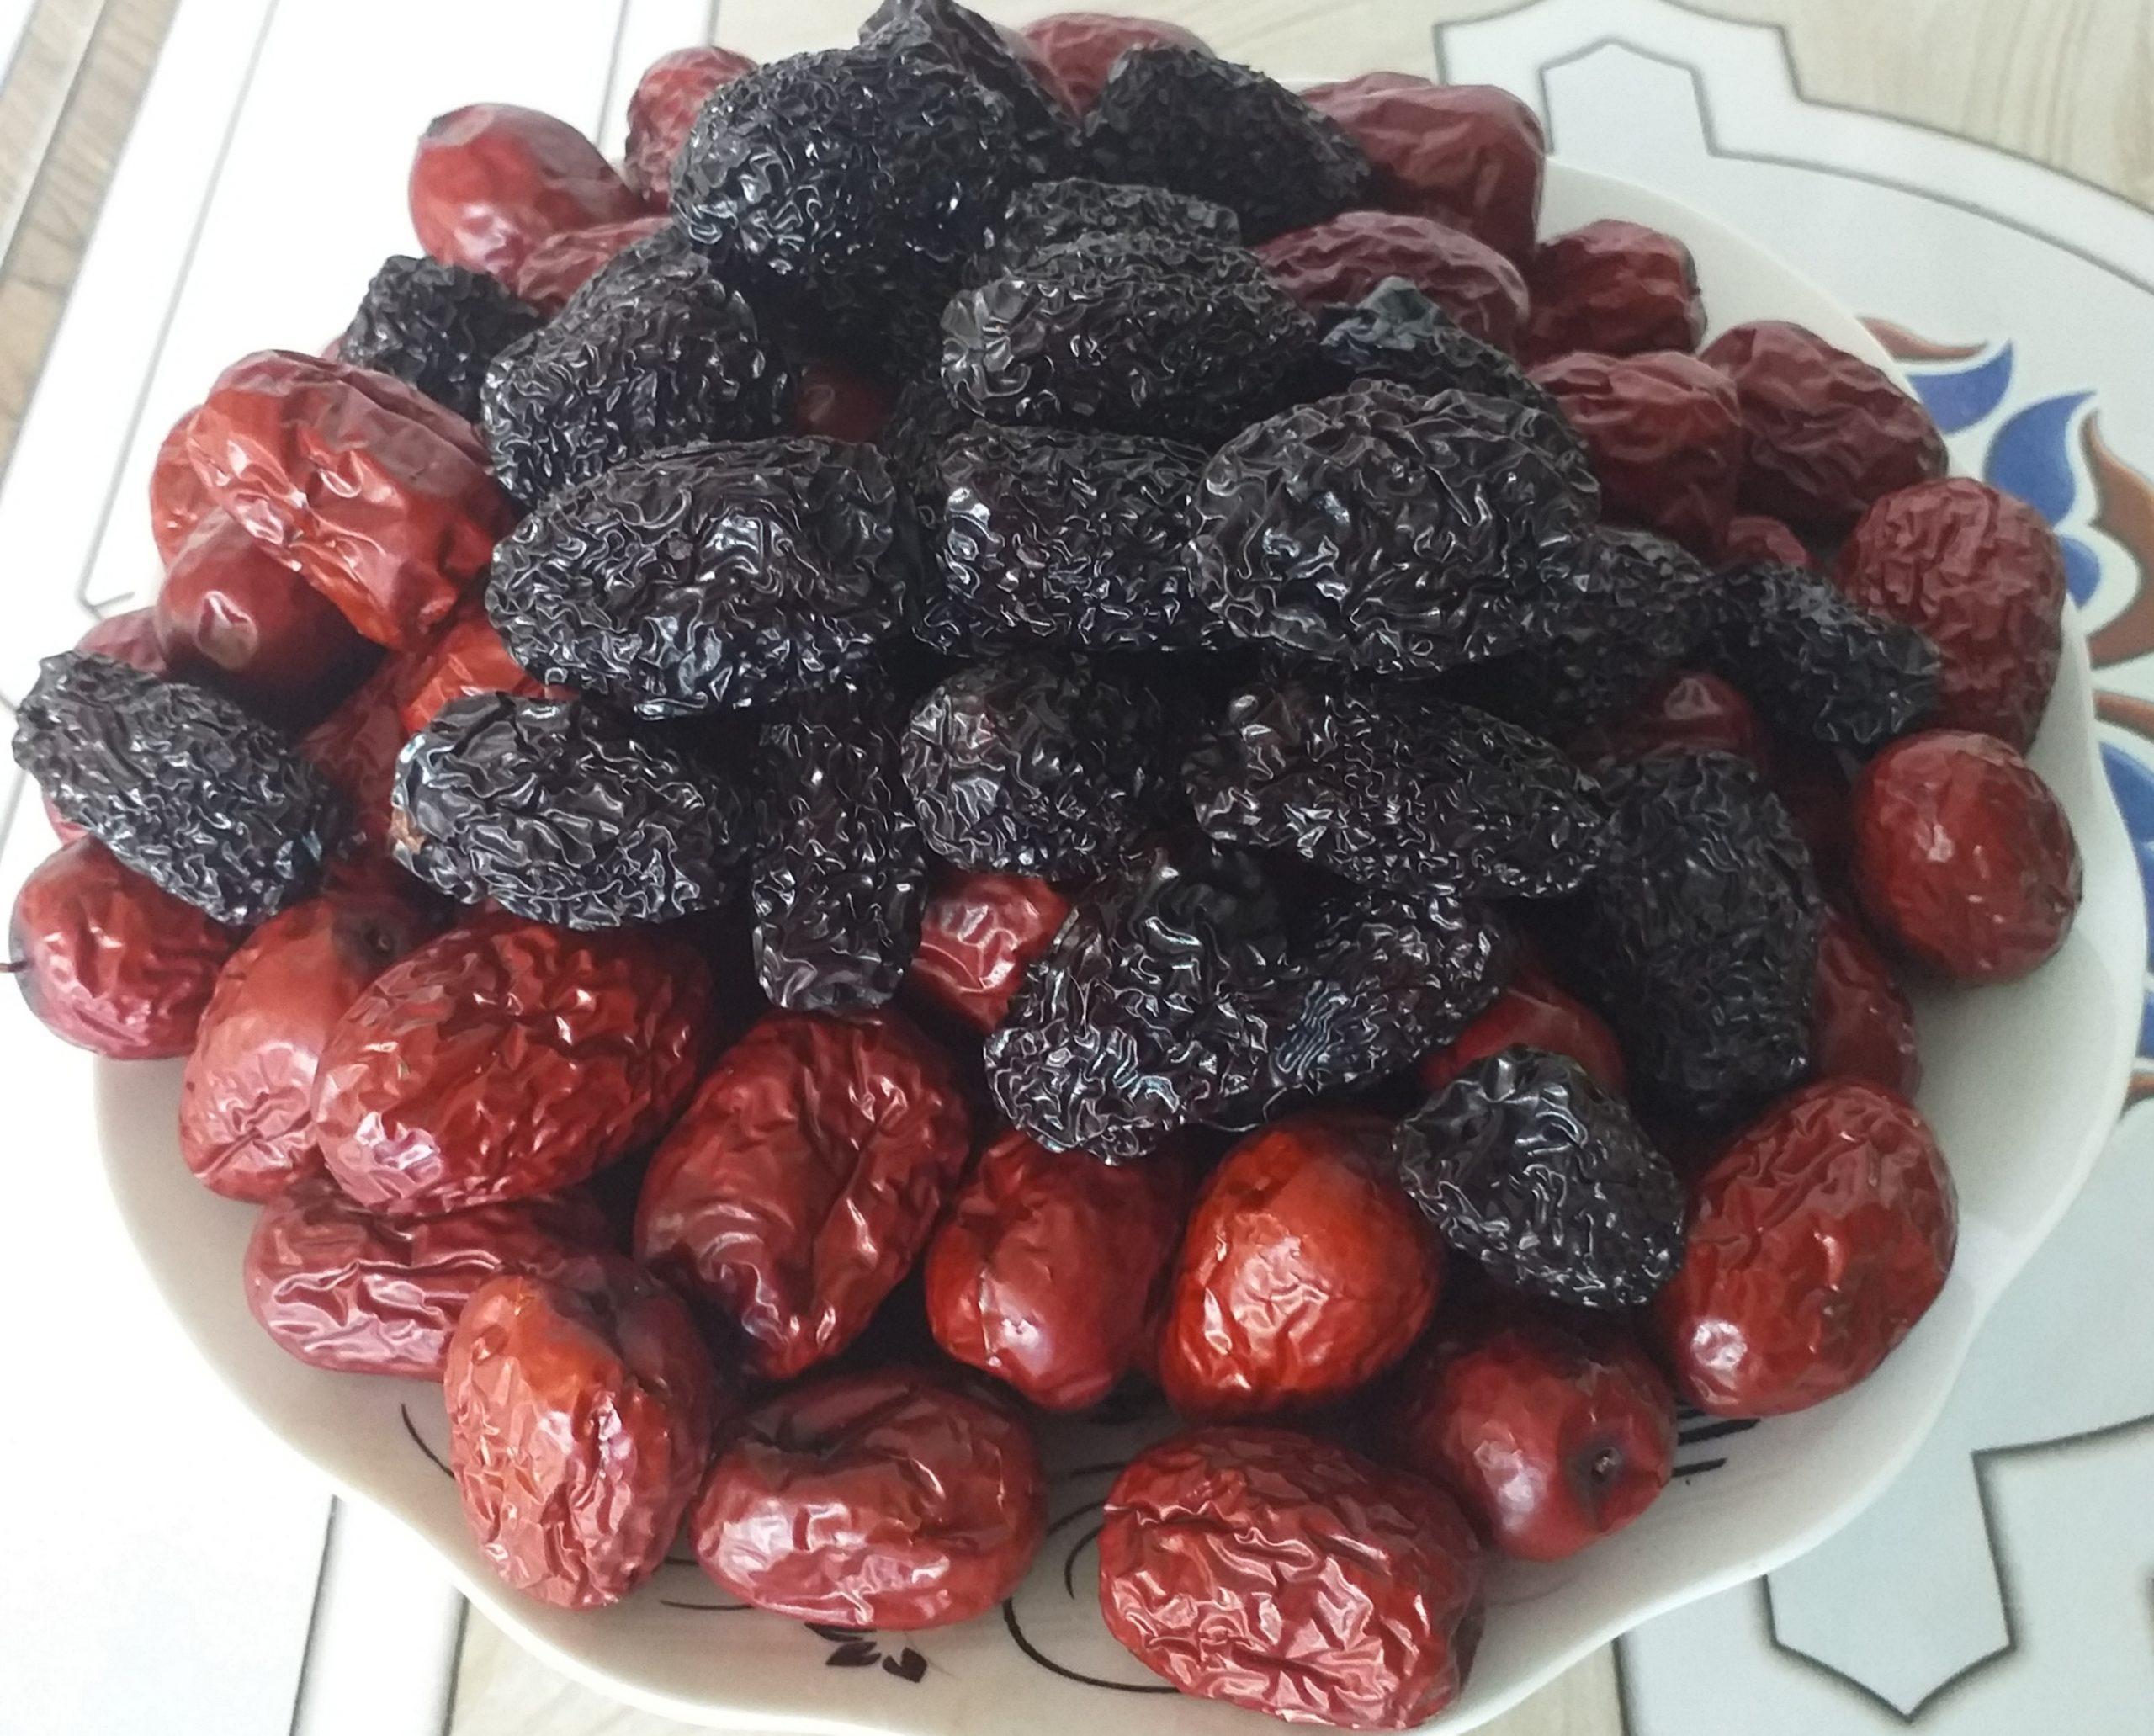 Táo đỏ táo đen - nguyên liệu nấu sâm bổ lượng